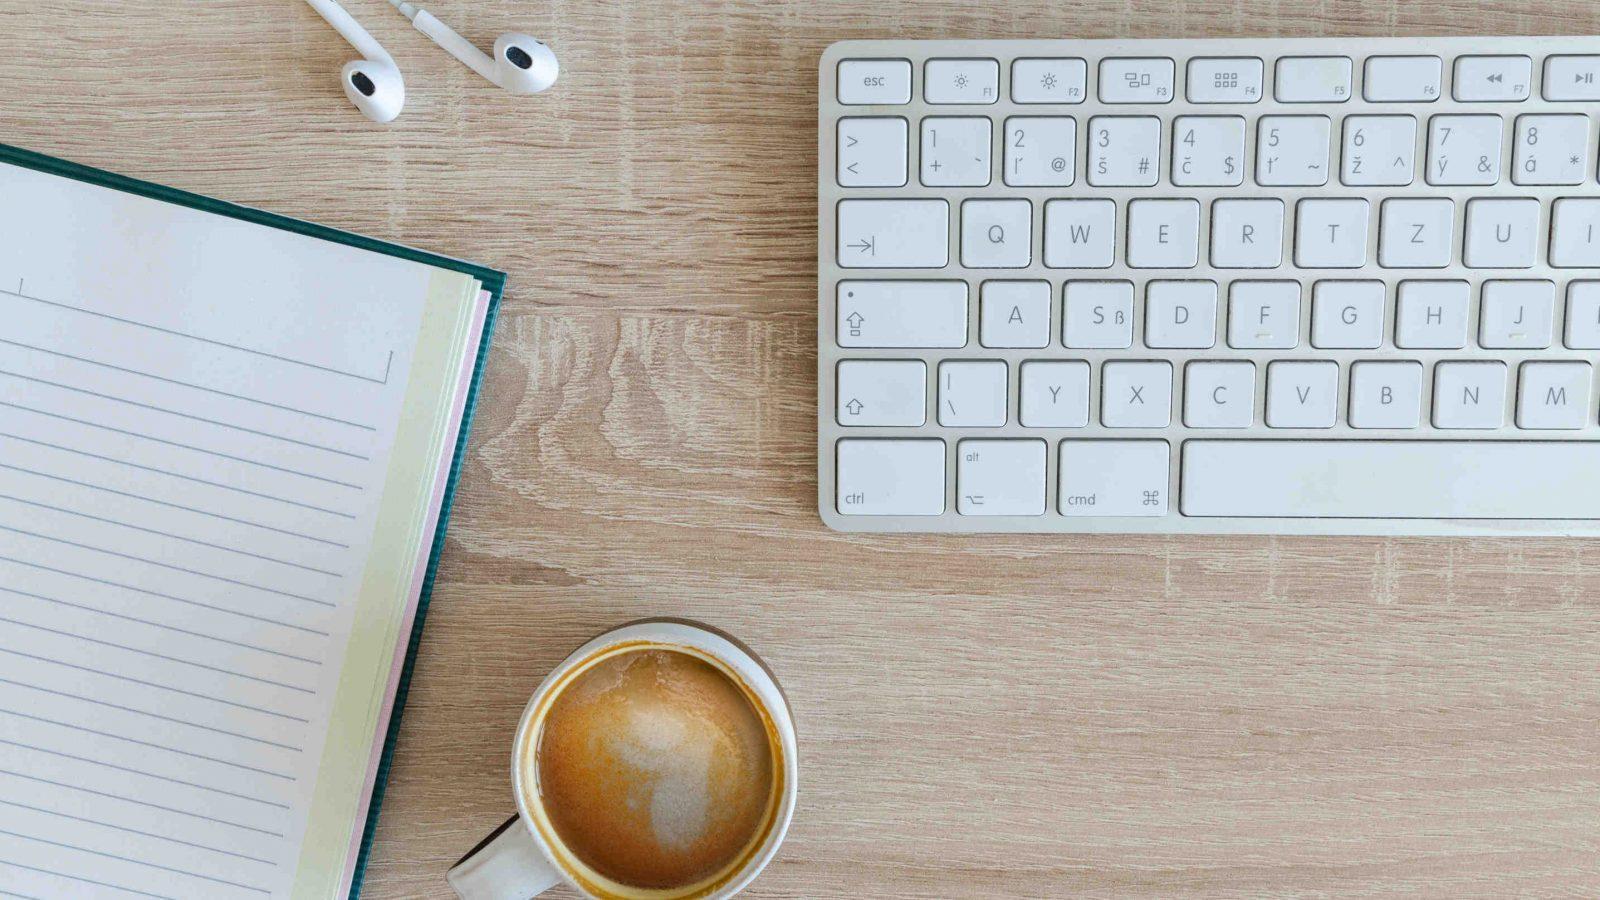 Freelance translator's desk